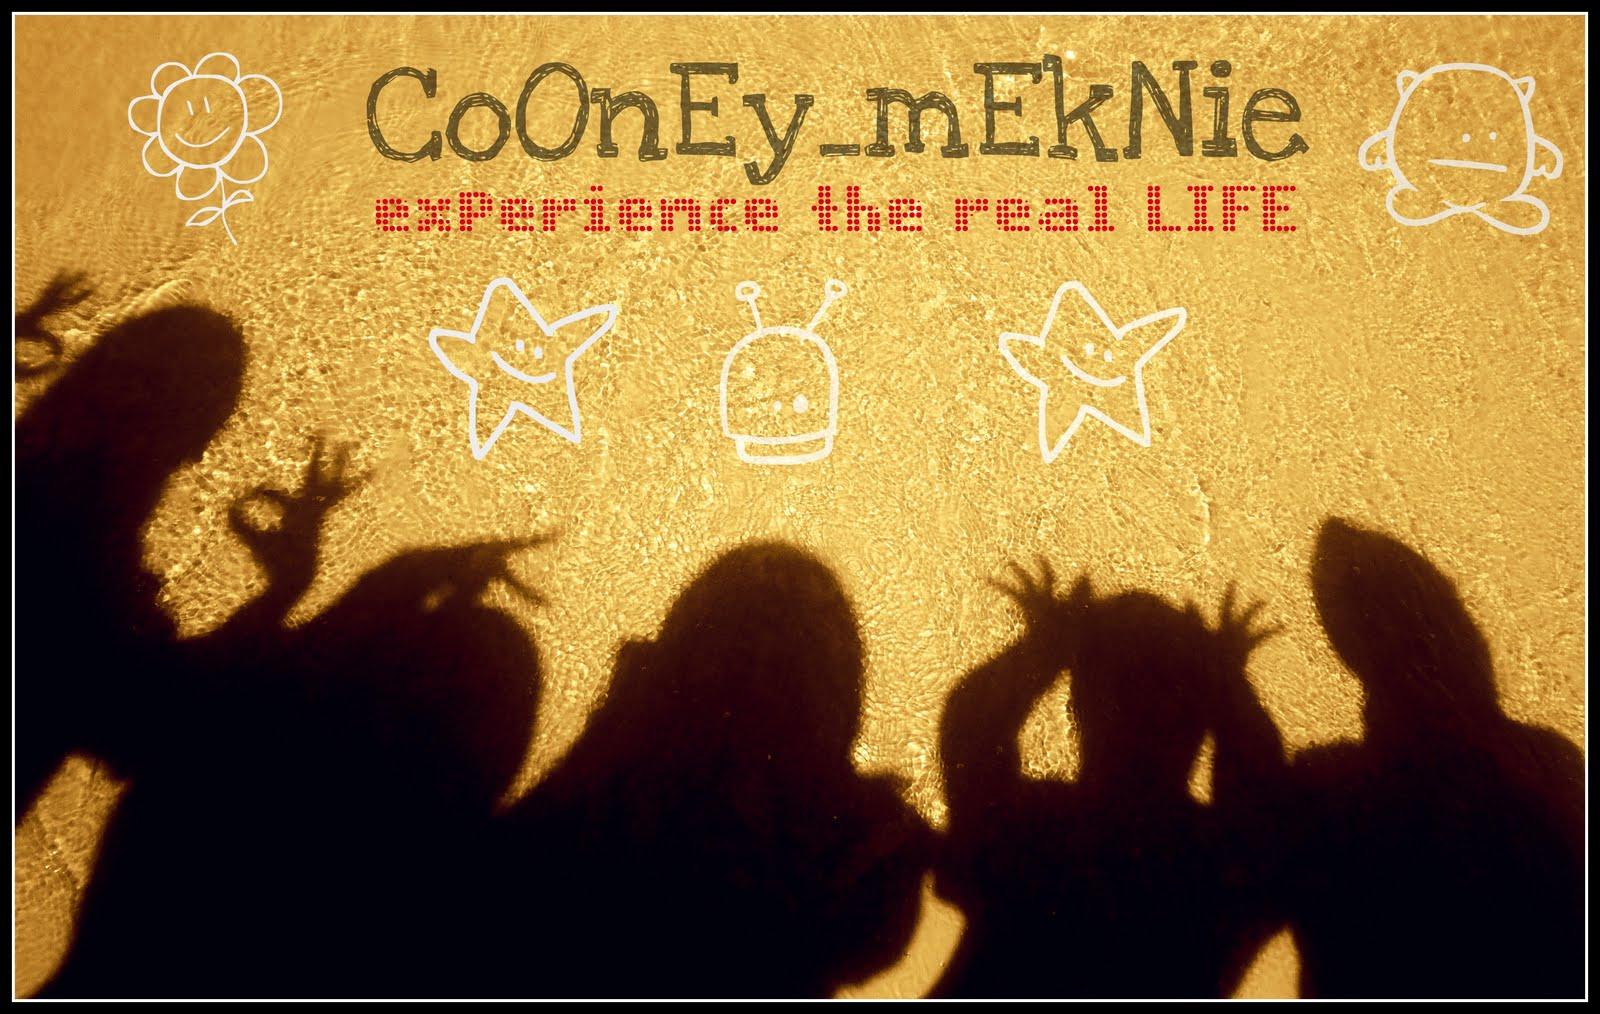 CoOnEy_mEkNiE